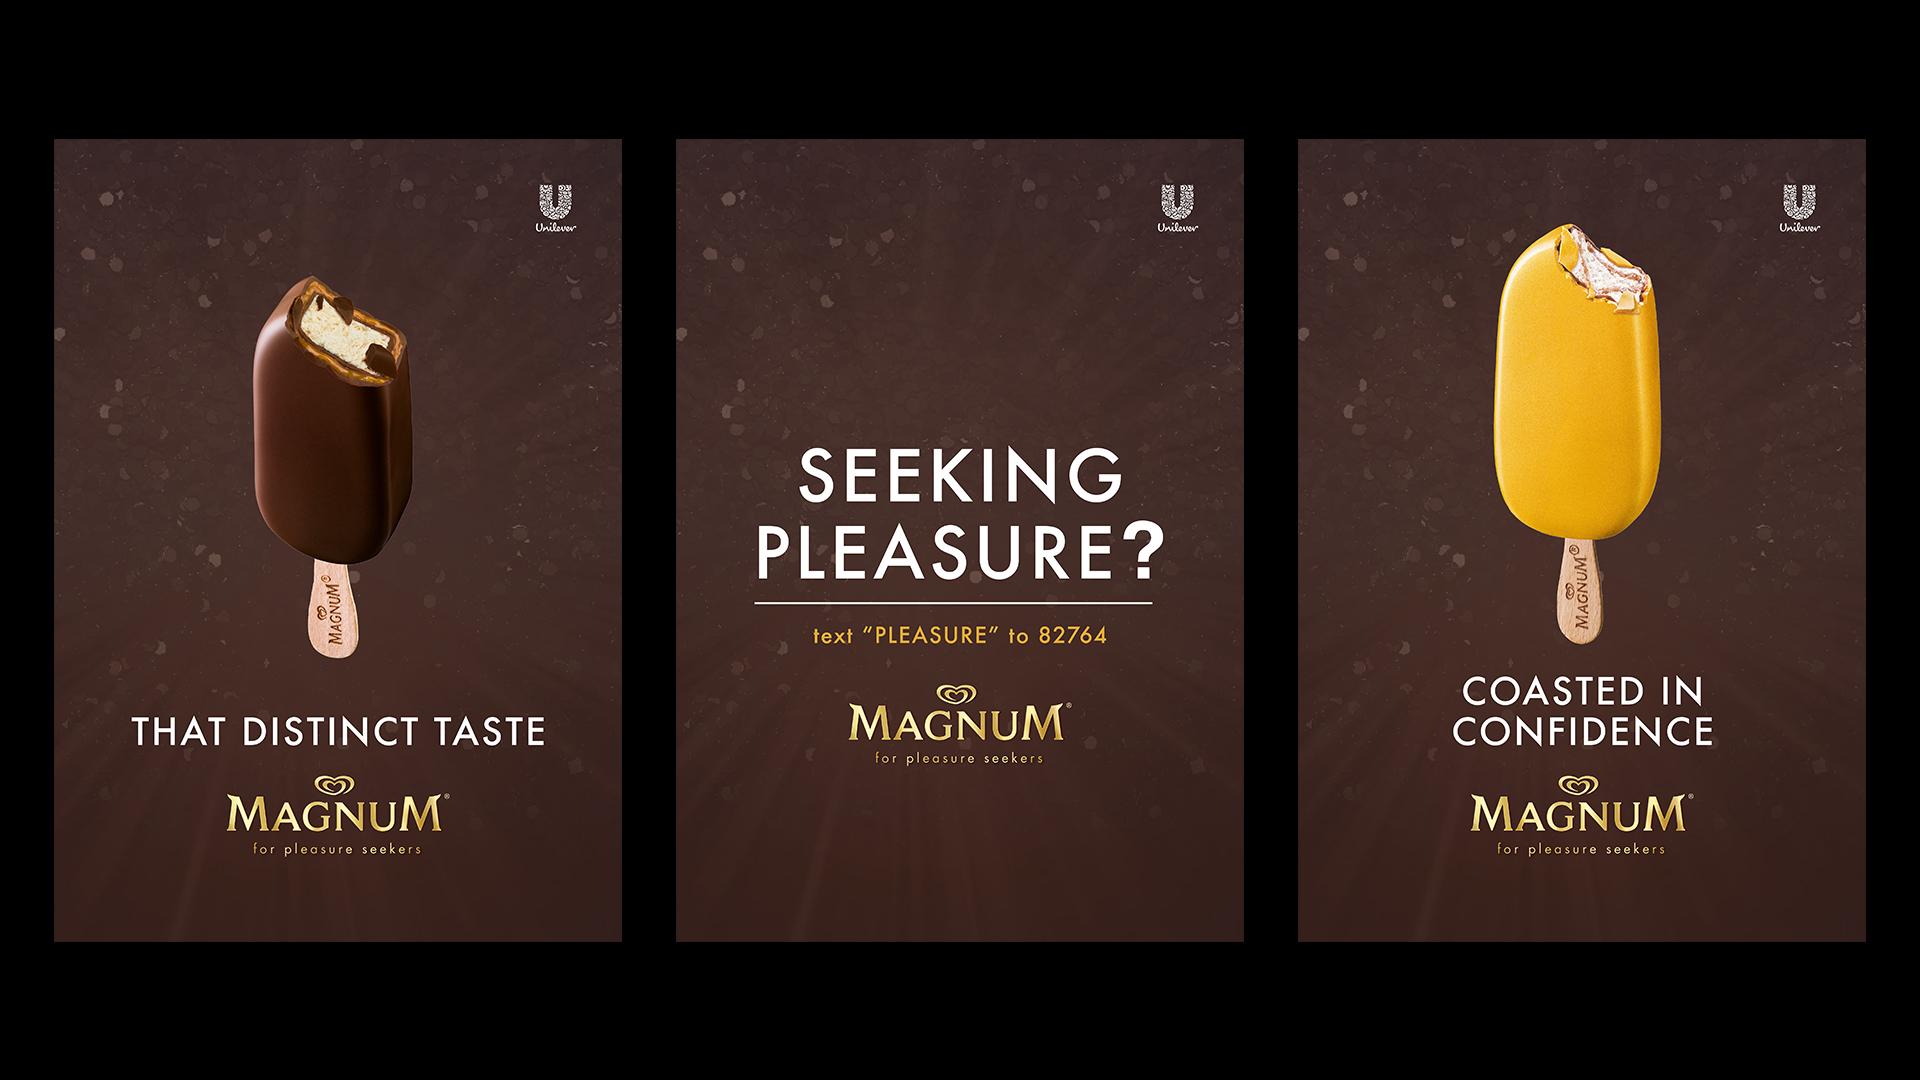 magnum campaign design